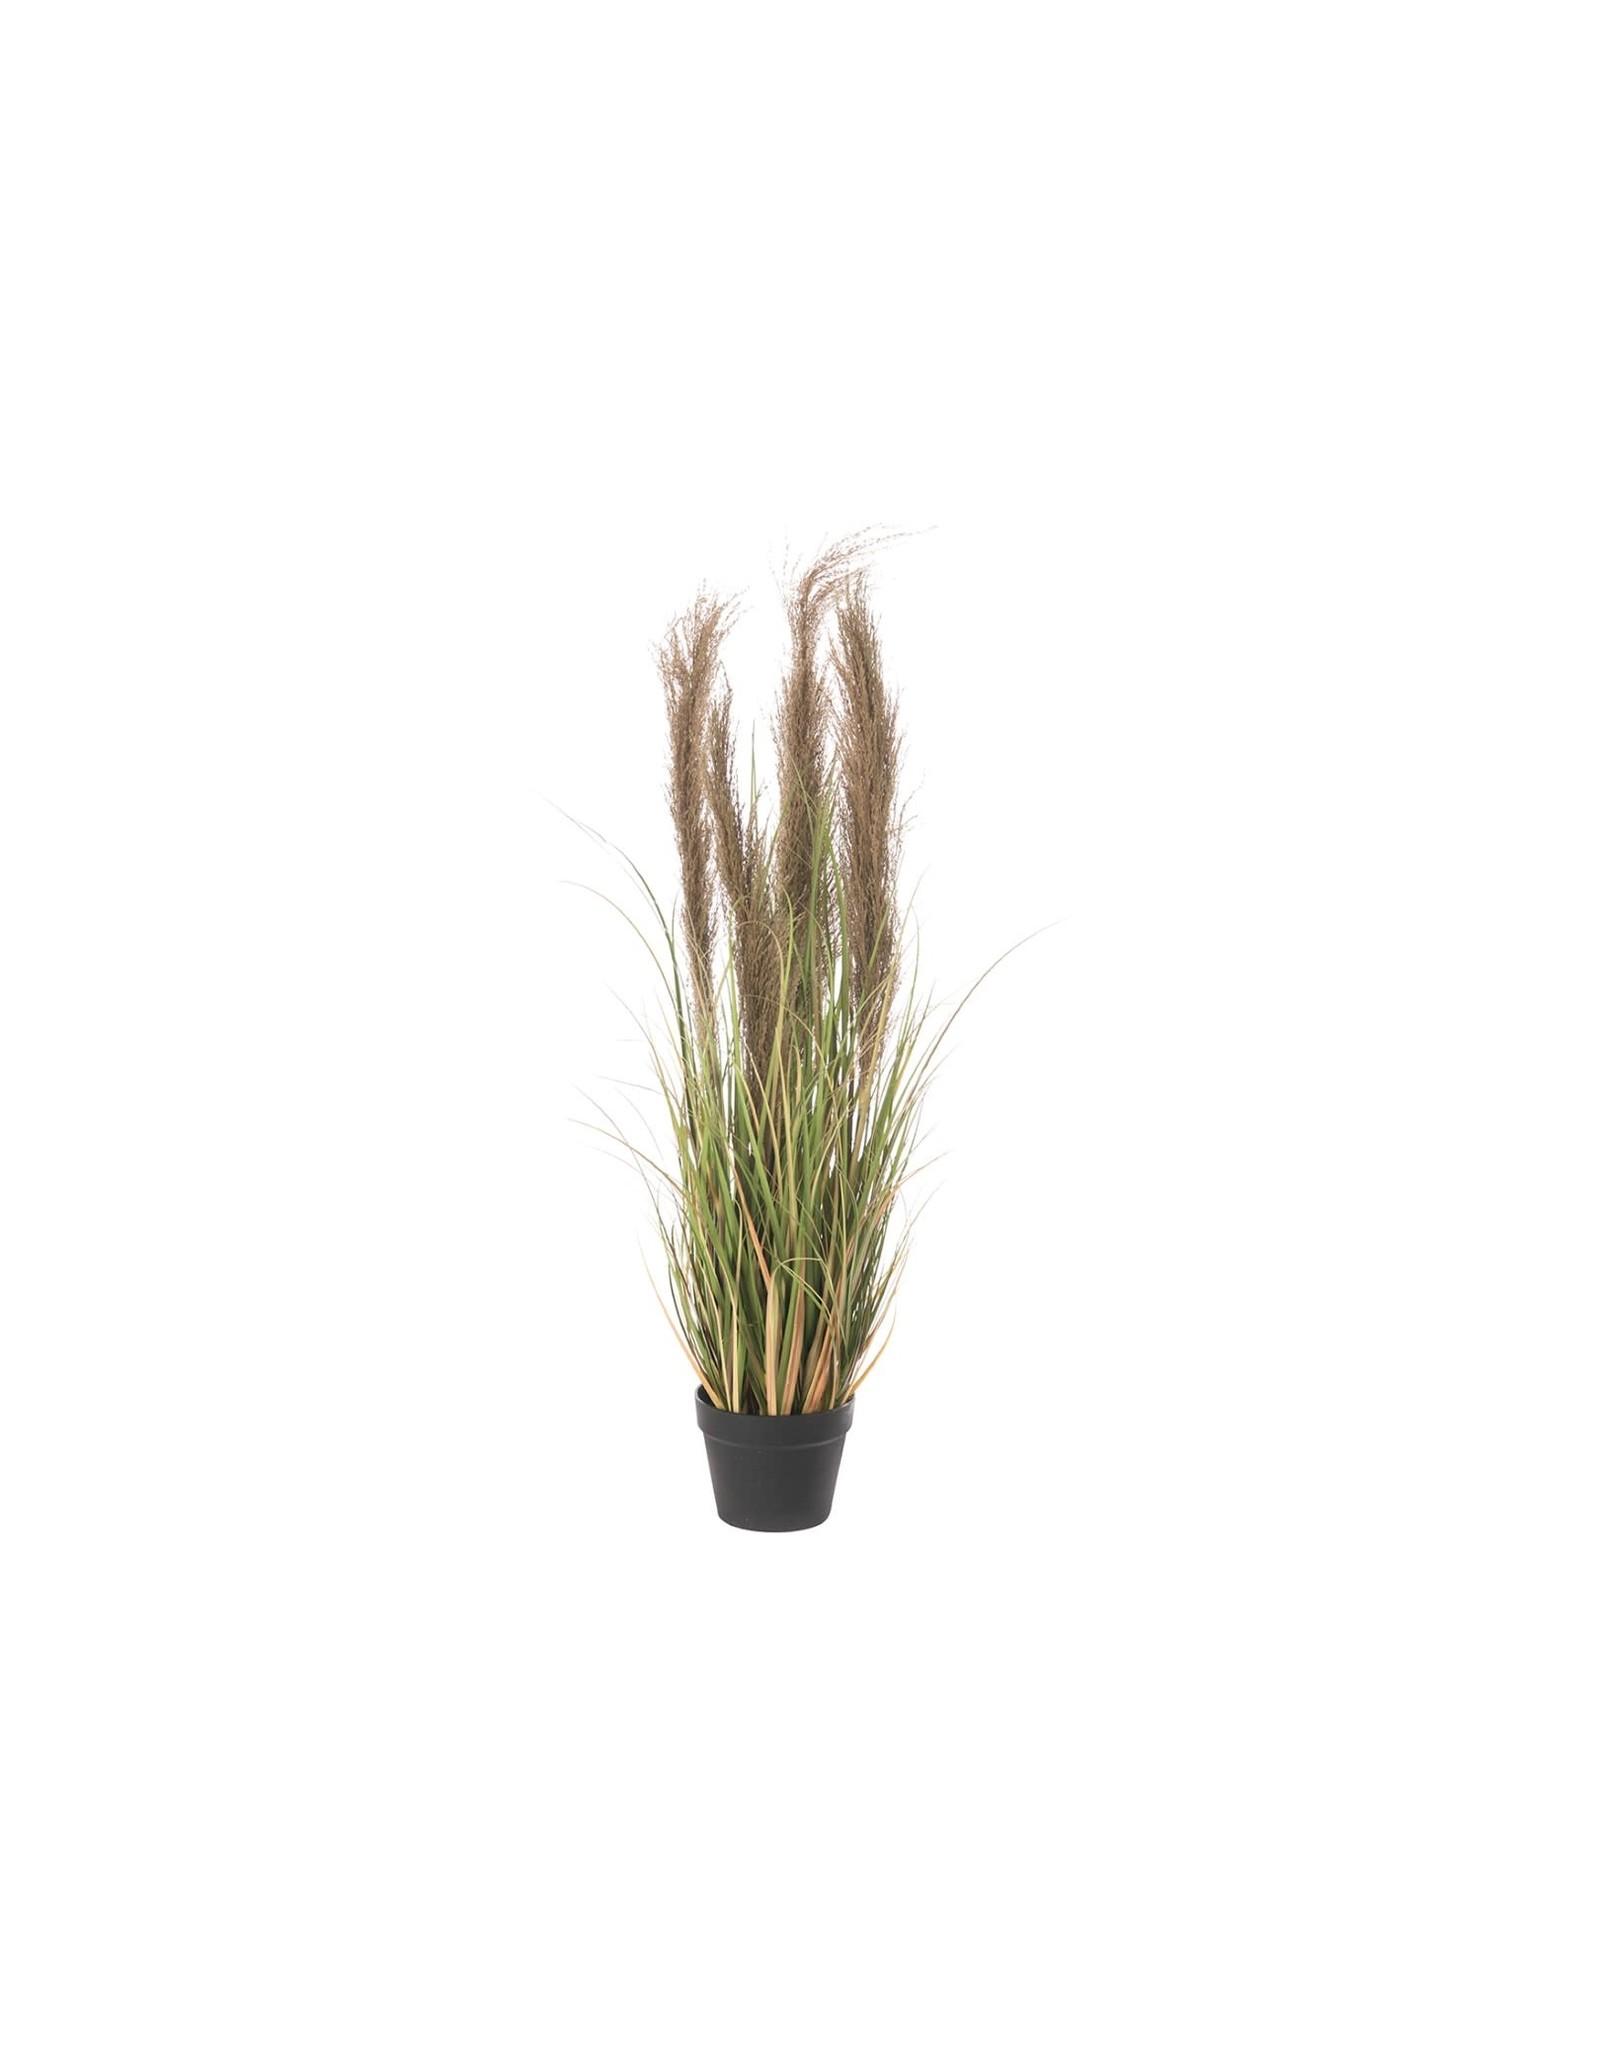 Dijk Grass with Reed Artificial 60x15x15cm